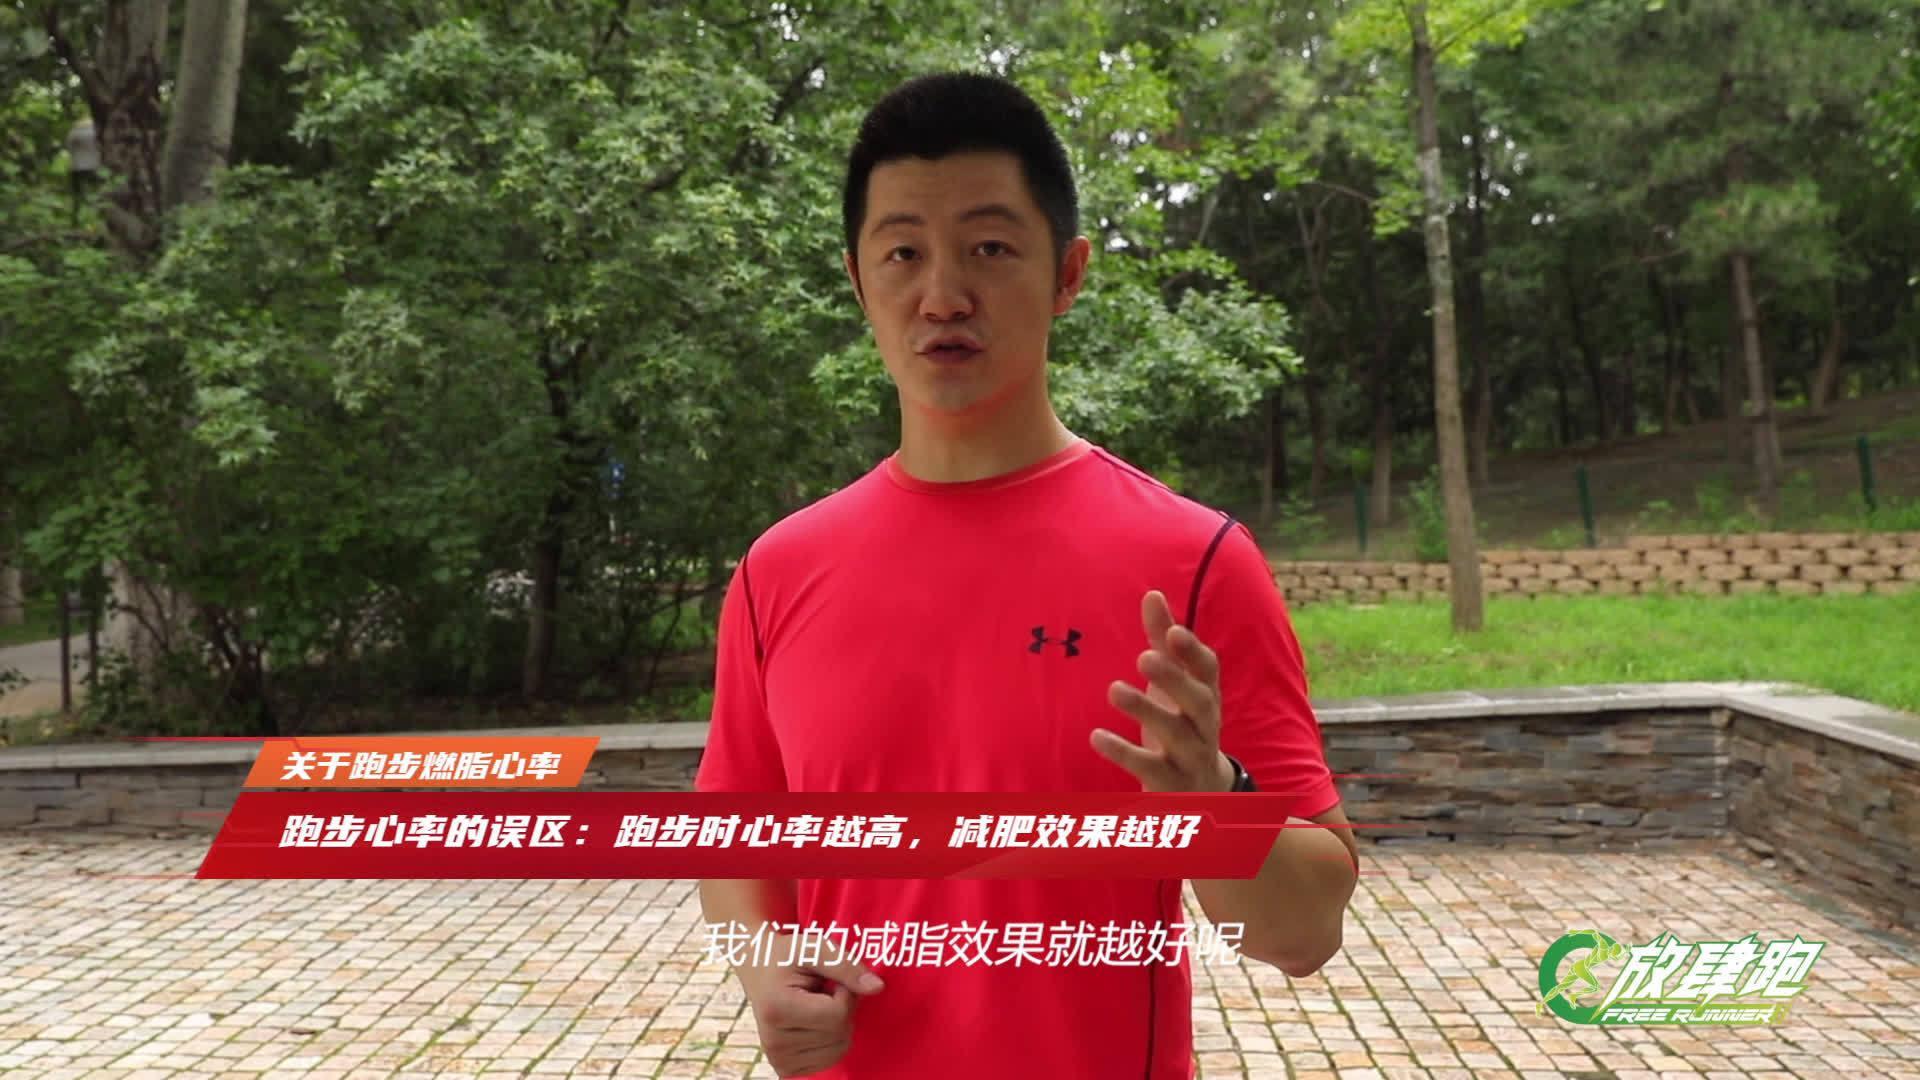 跑步时心率到达多少燃脂效果最好?